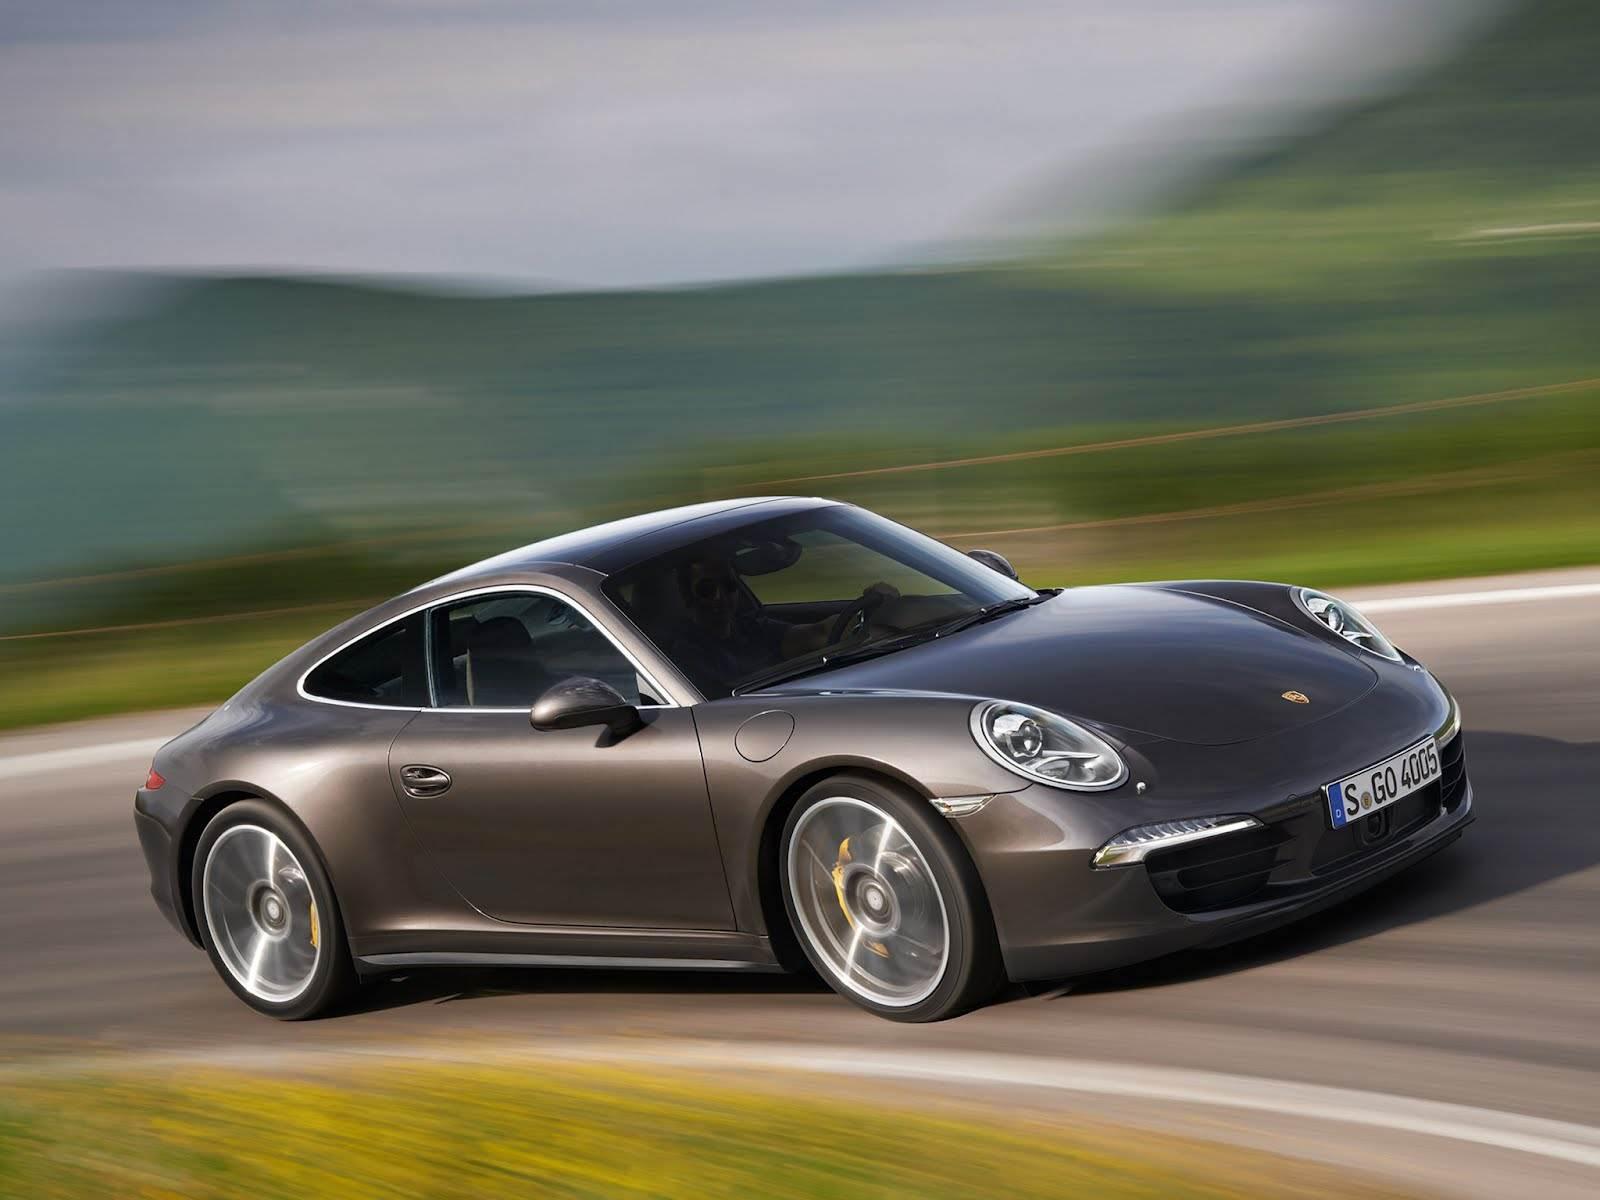 New Porsche 911 Carerra 4